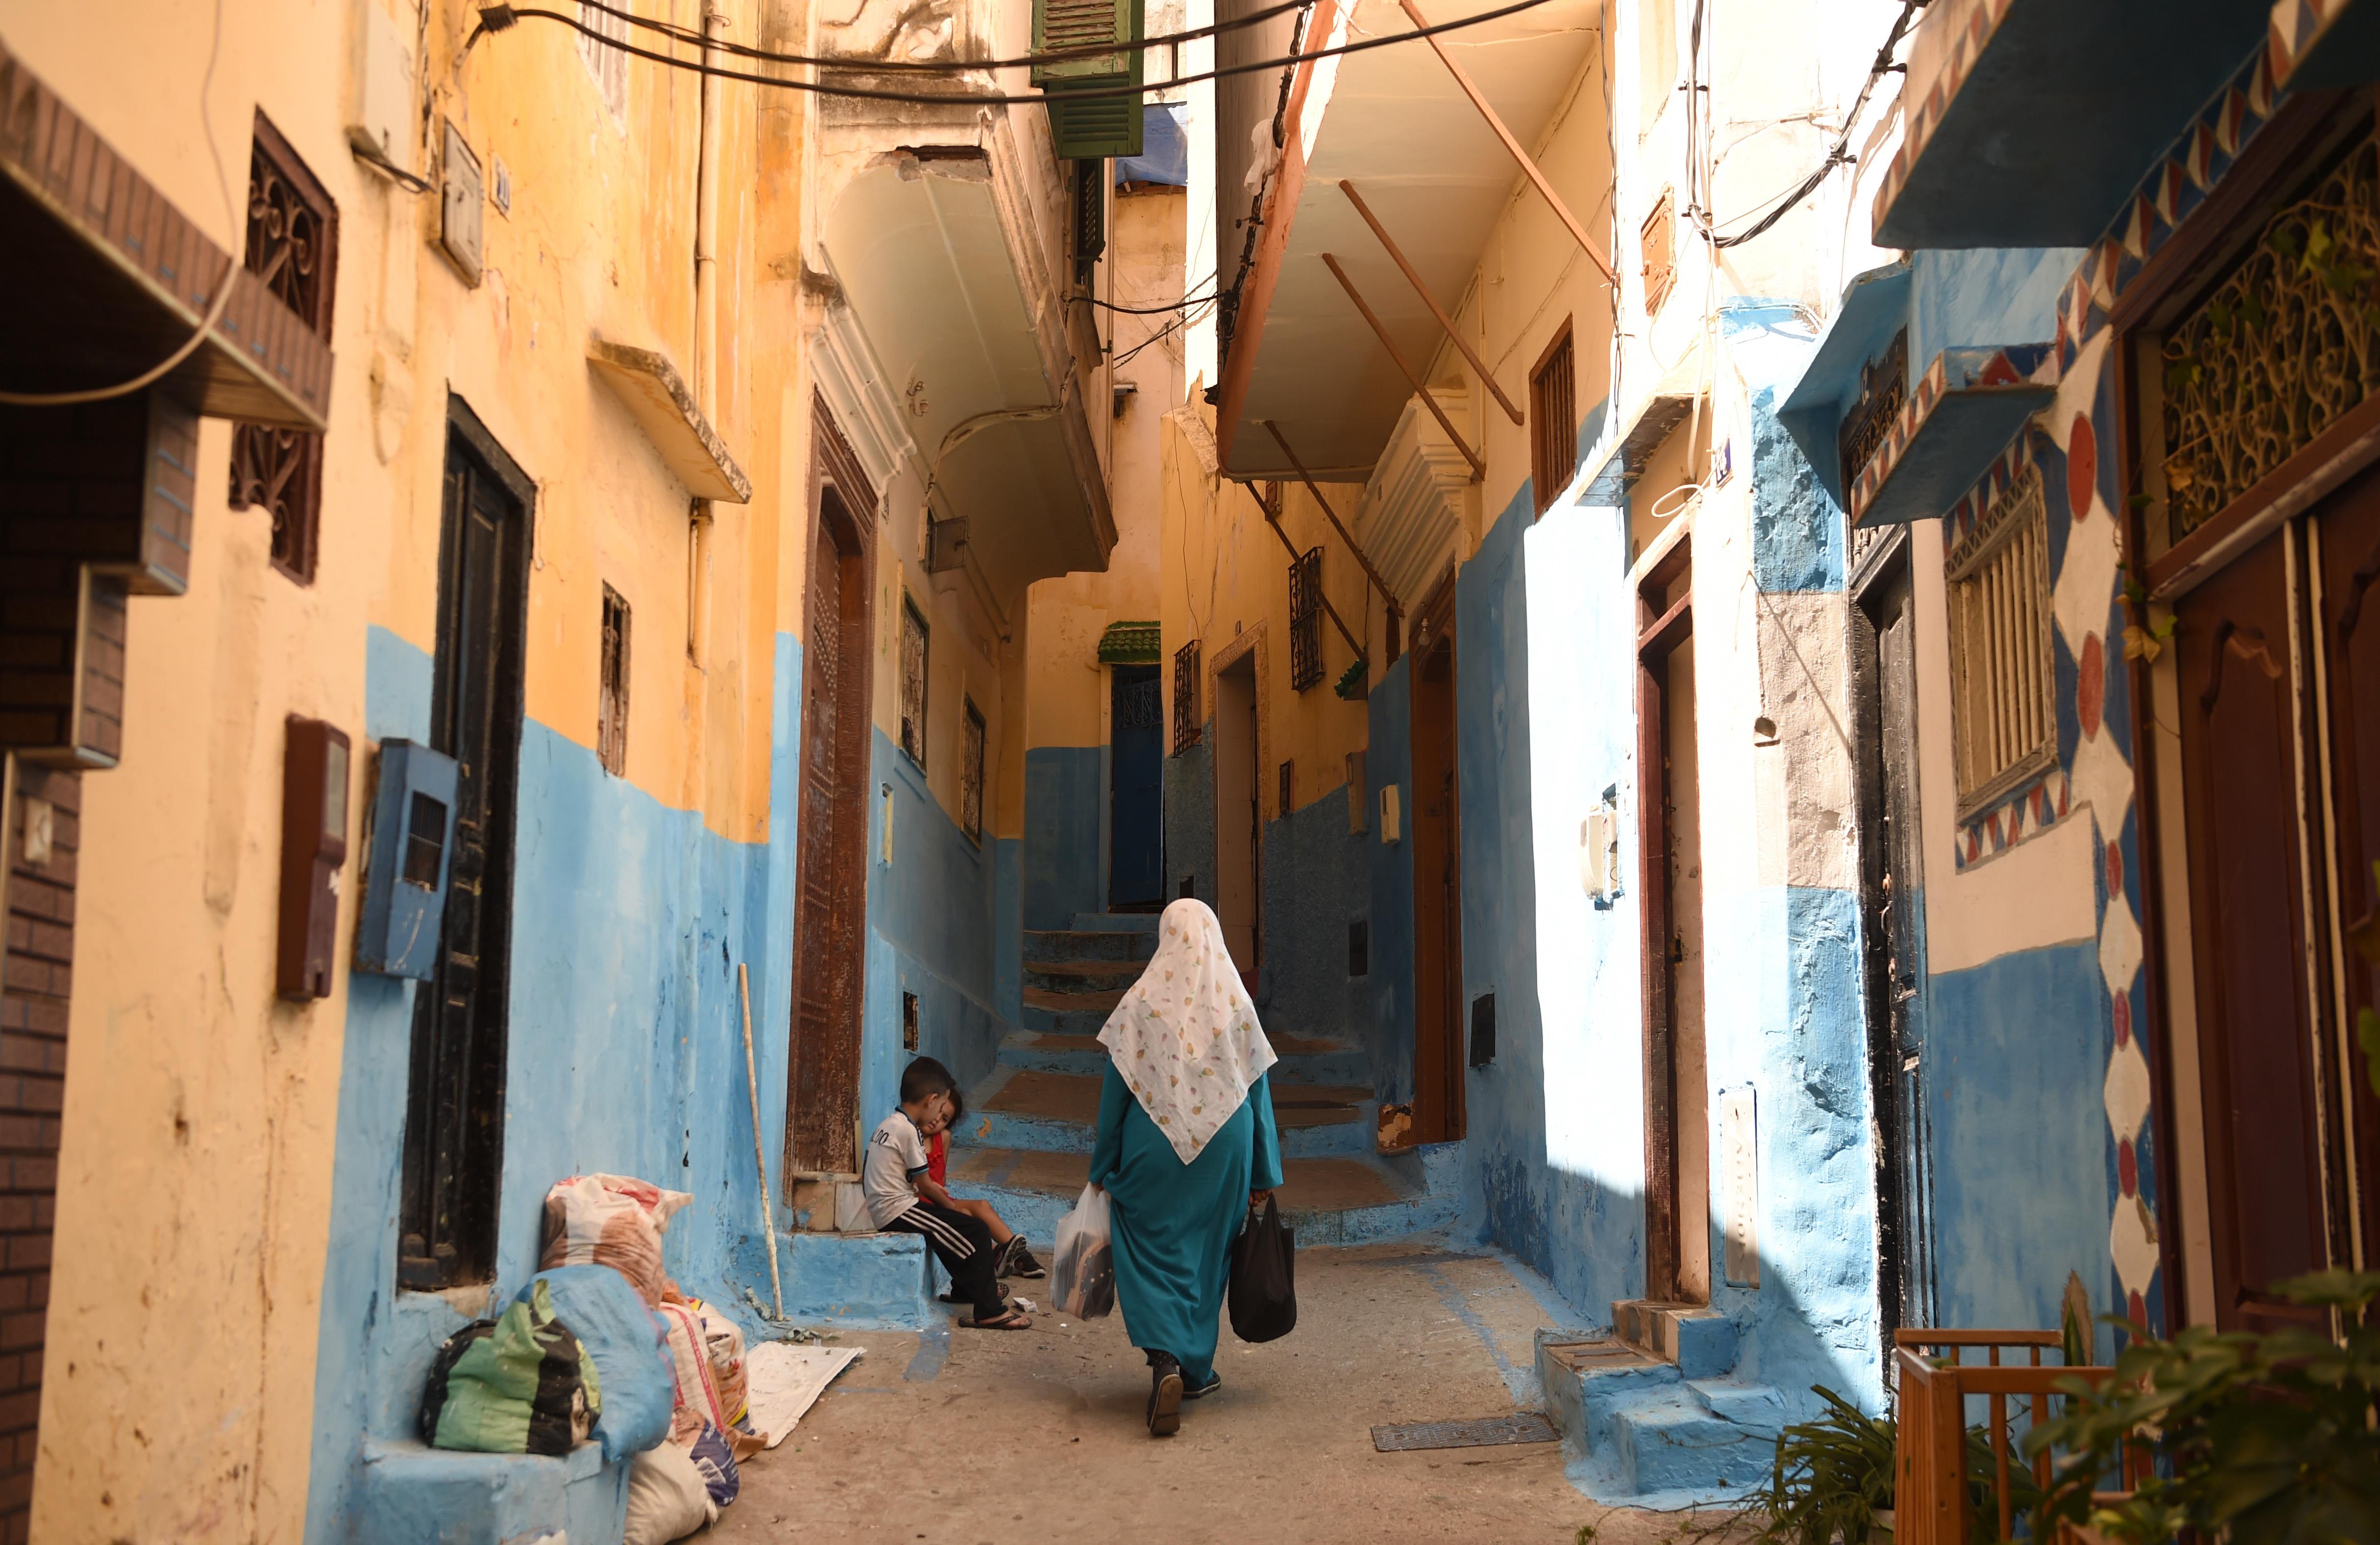 Coronavirus au Maroc : Tanger reconfinée après l'apparition de nouveaux foyers épidémiques